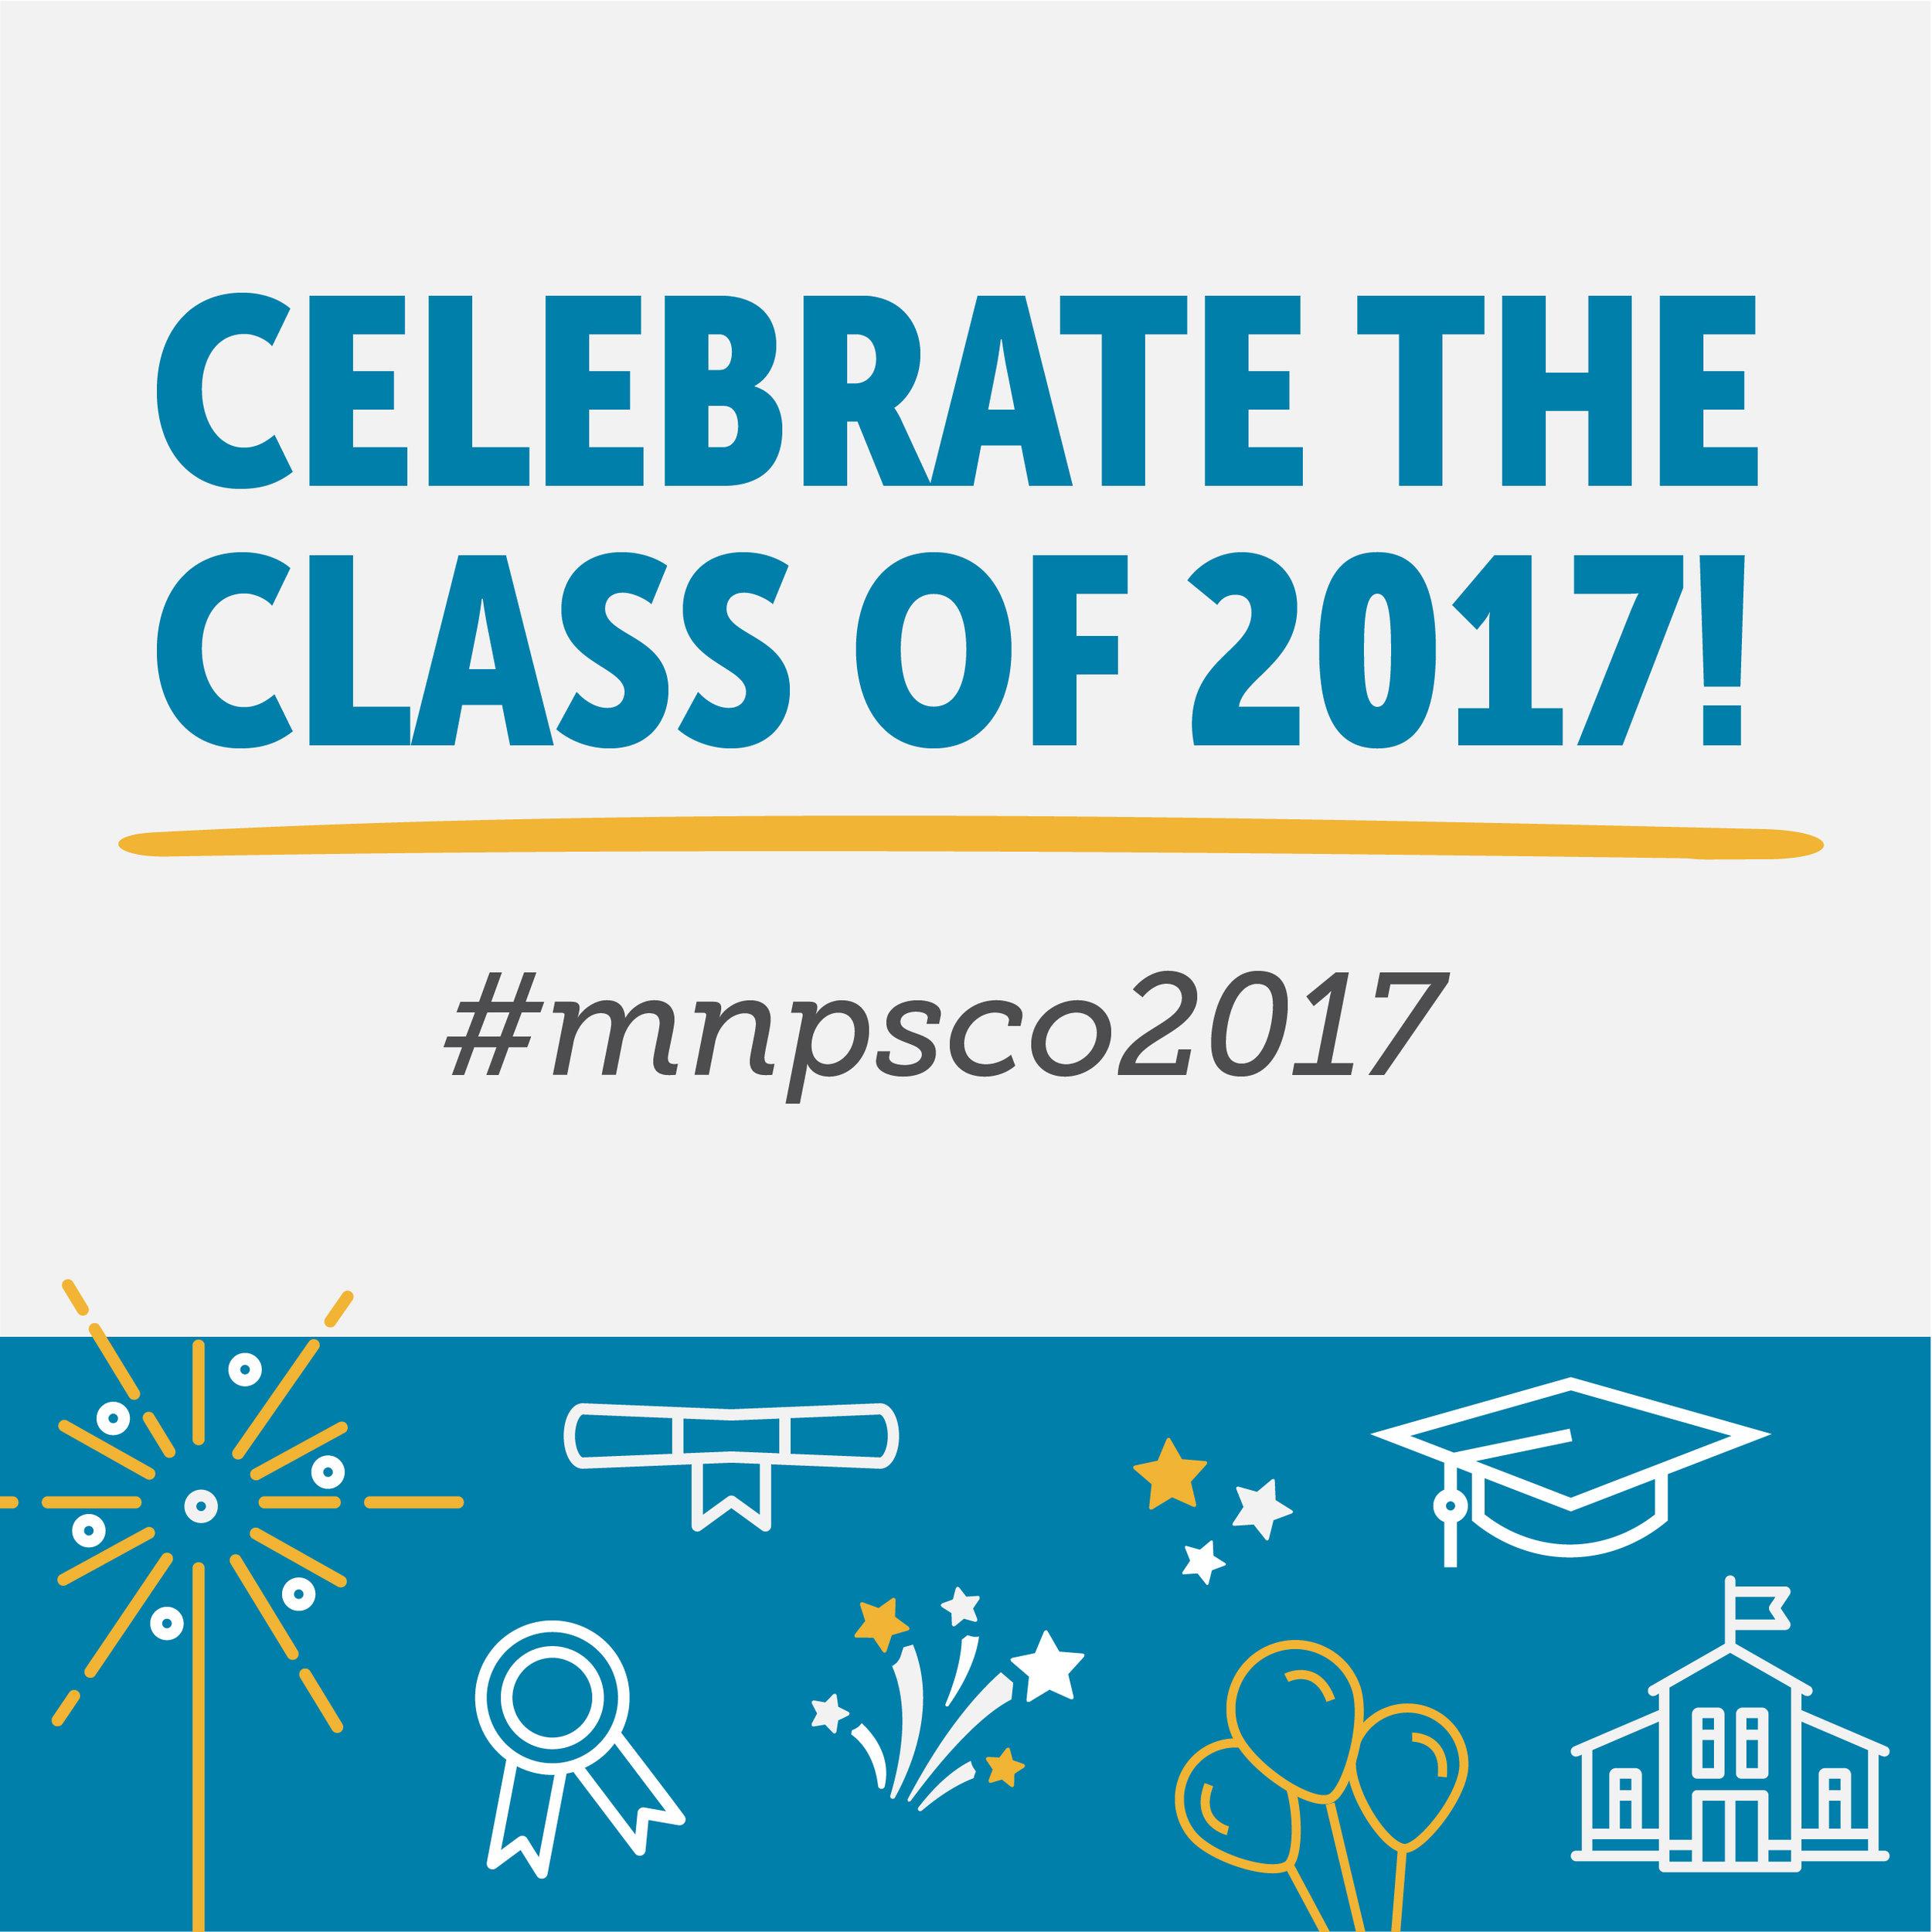 Graduation_Social-Media_2017_07